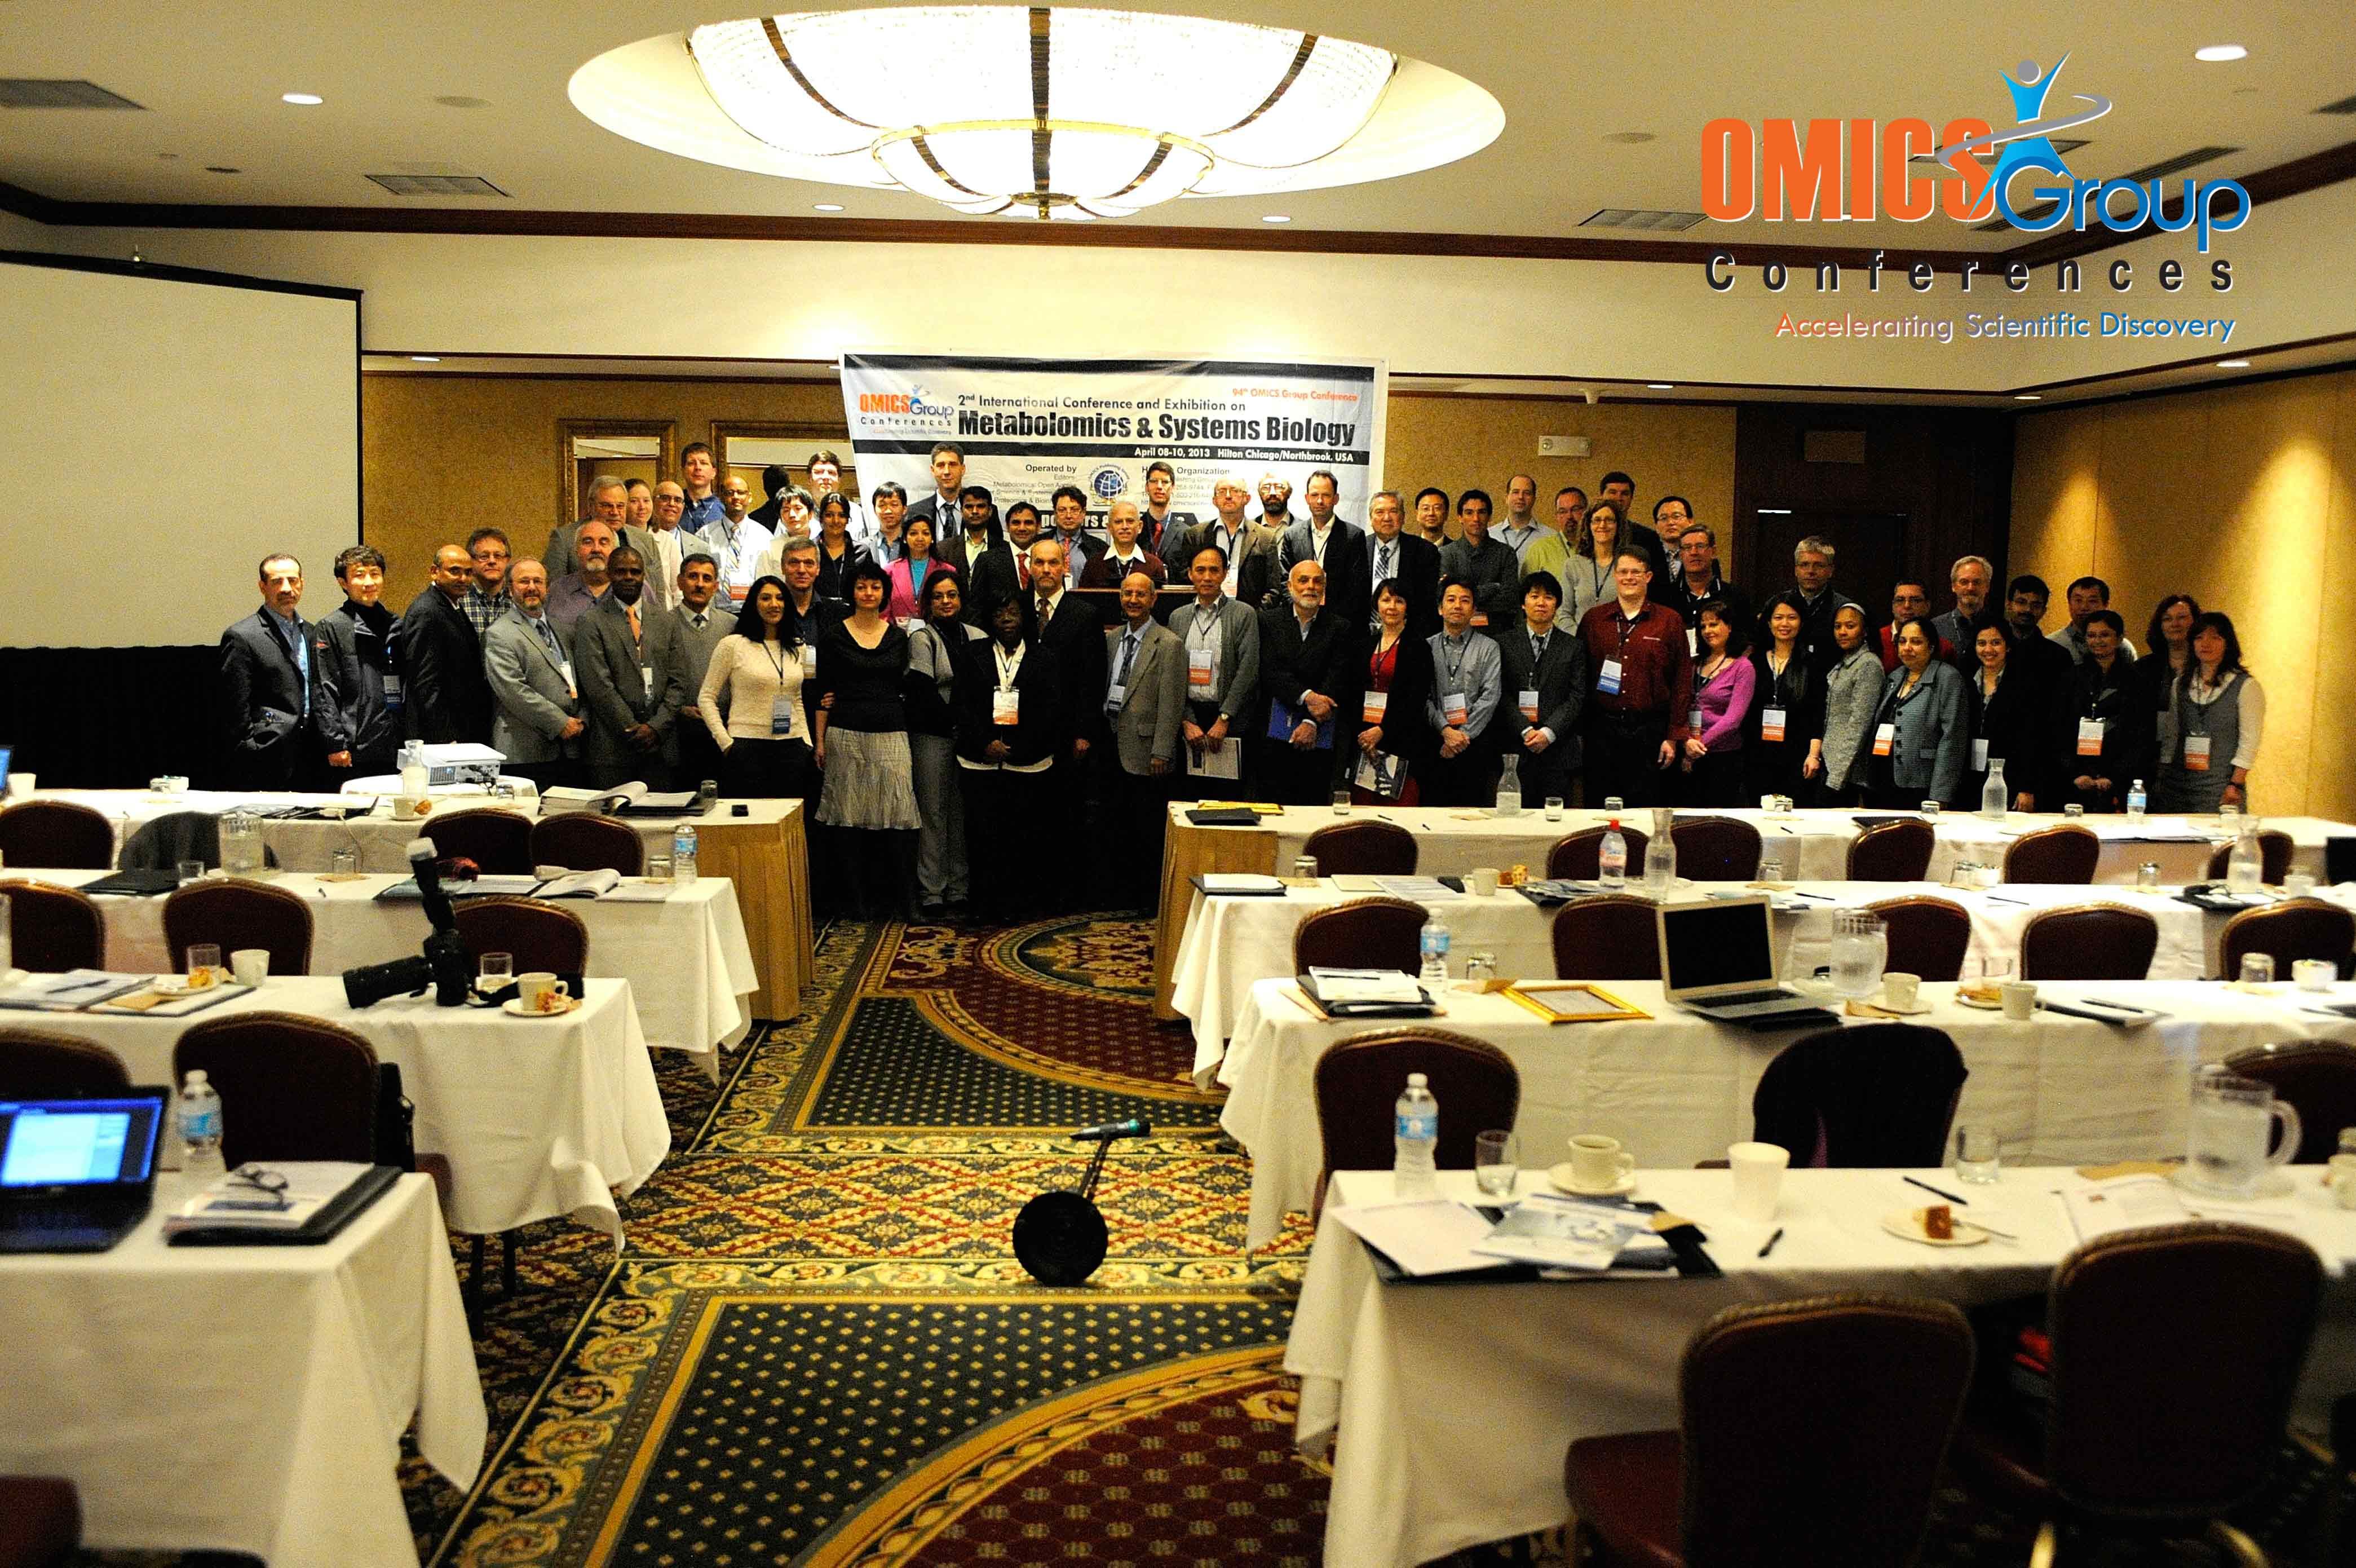 Abdullah Saleh Alhomida | OMICS International